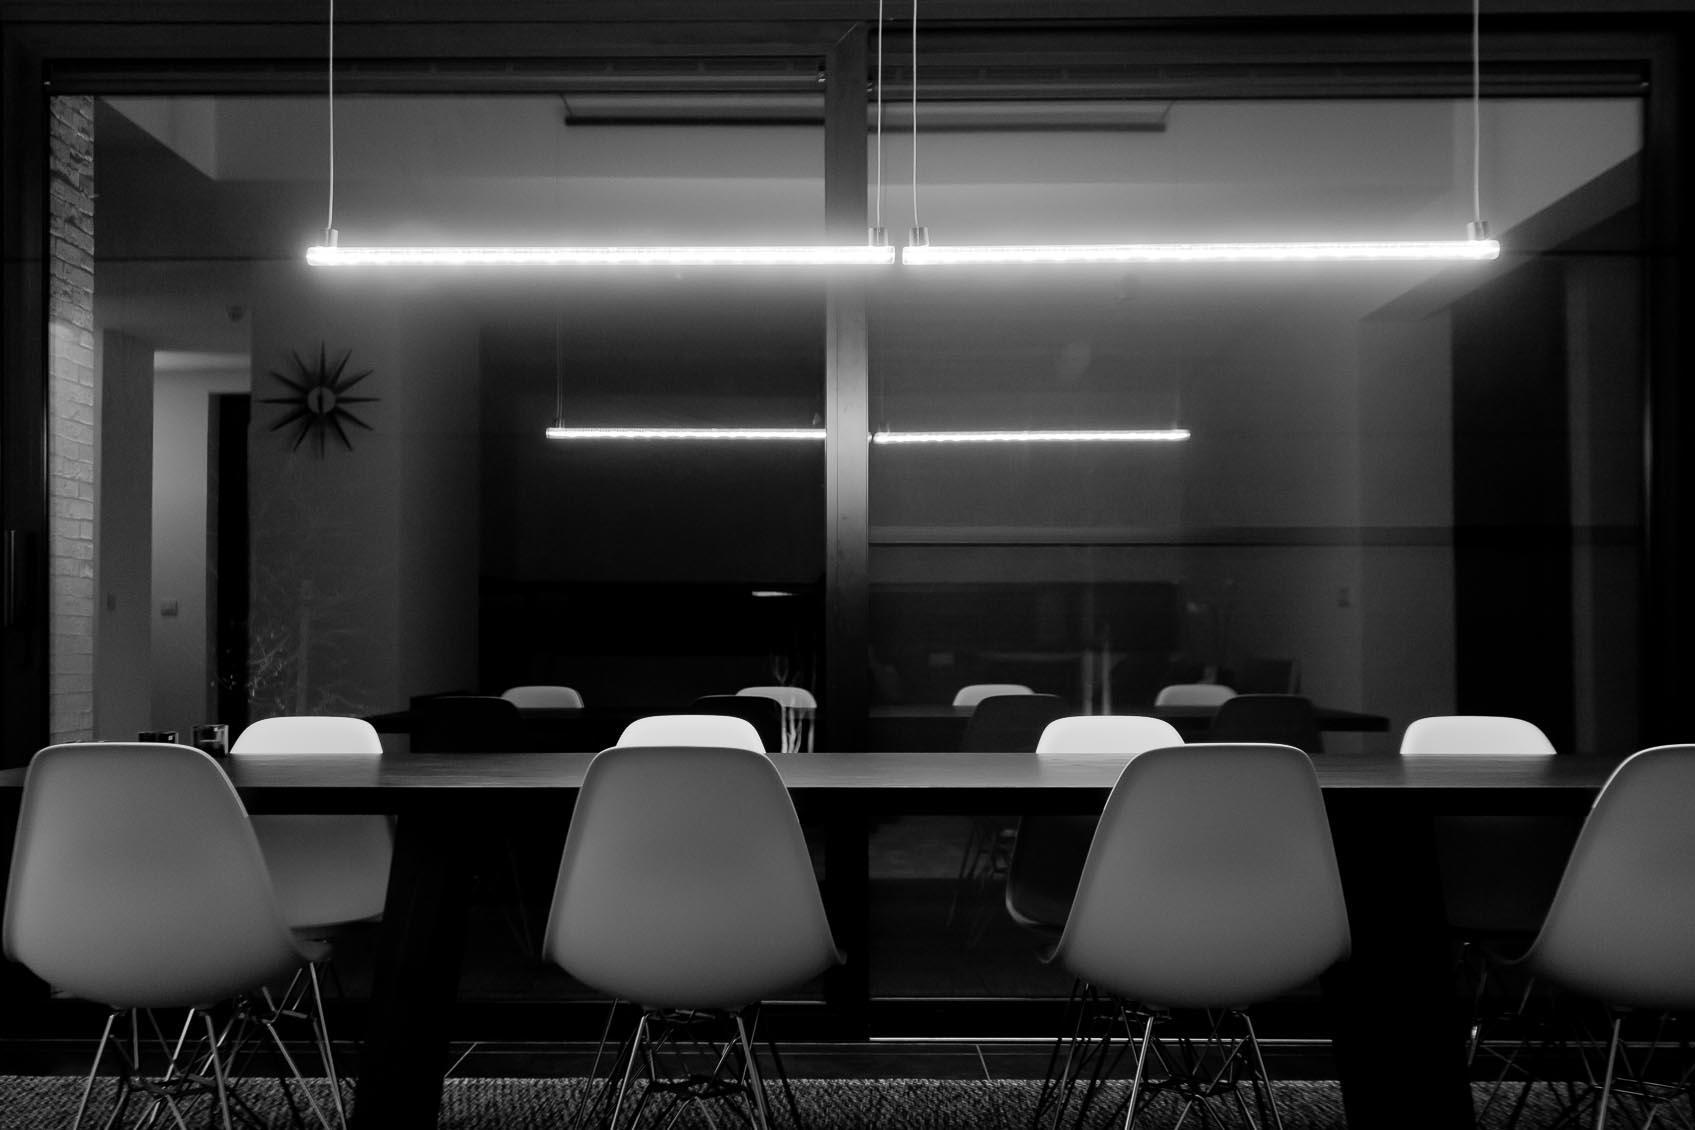 klassevol, warm en sobere verlichting in strakke woning, maatwerk lichtoplossing in samenwerking met jan pauwels, lichtkunstenaar